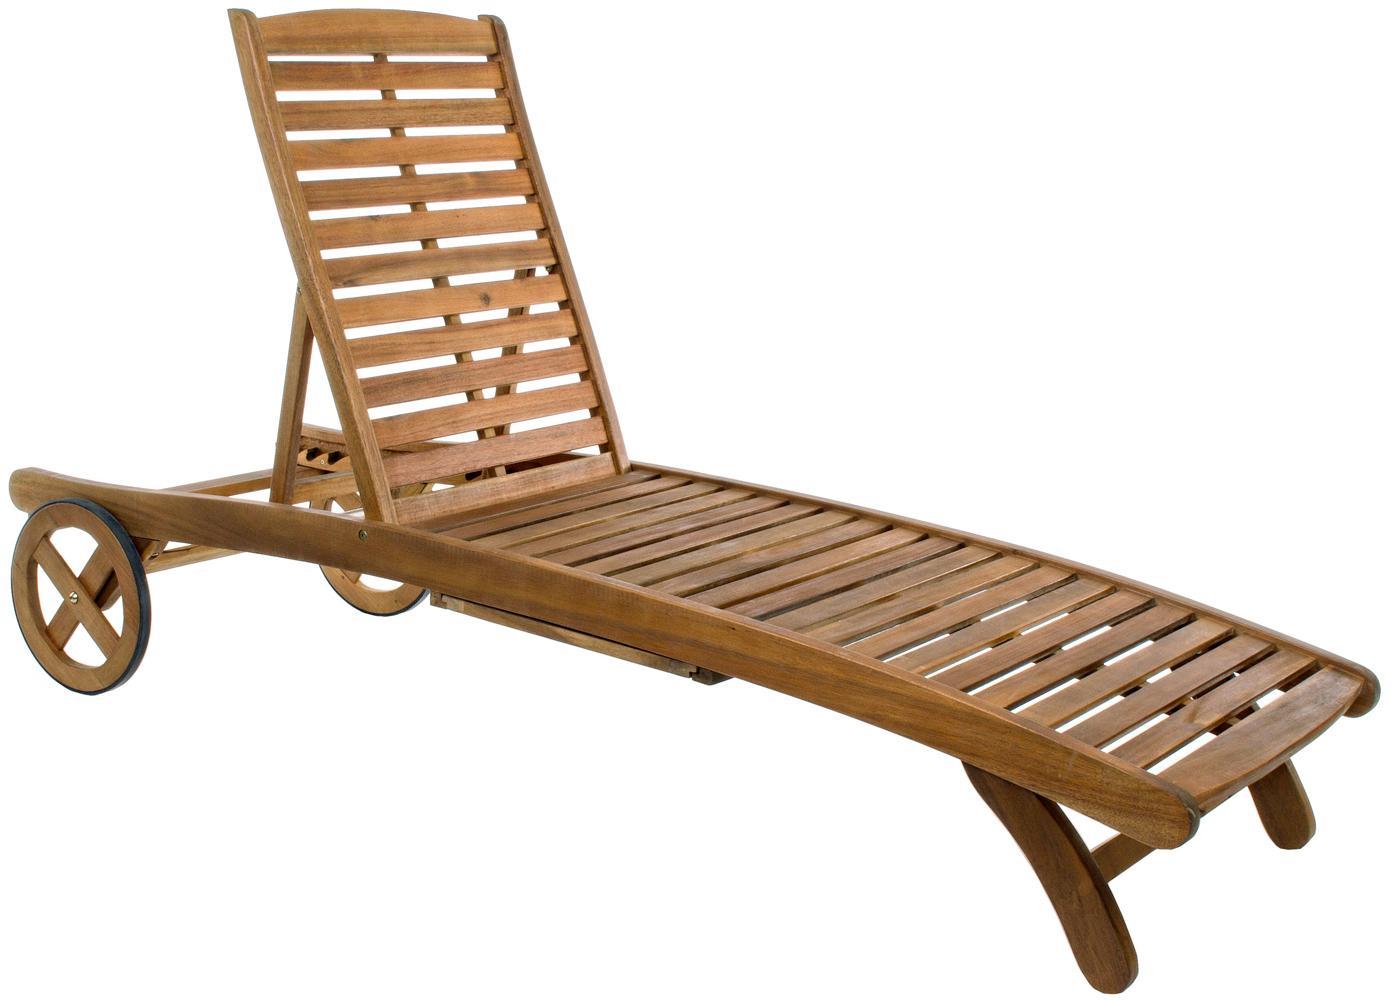 Leżak ogrodowy Noemi, Lite drewno akacjowe, olejowane, Drewno akacjowe, D 195 x S 58 cm